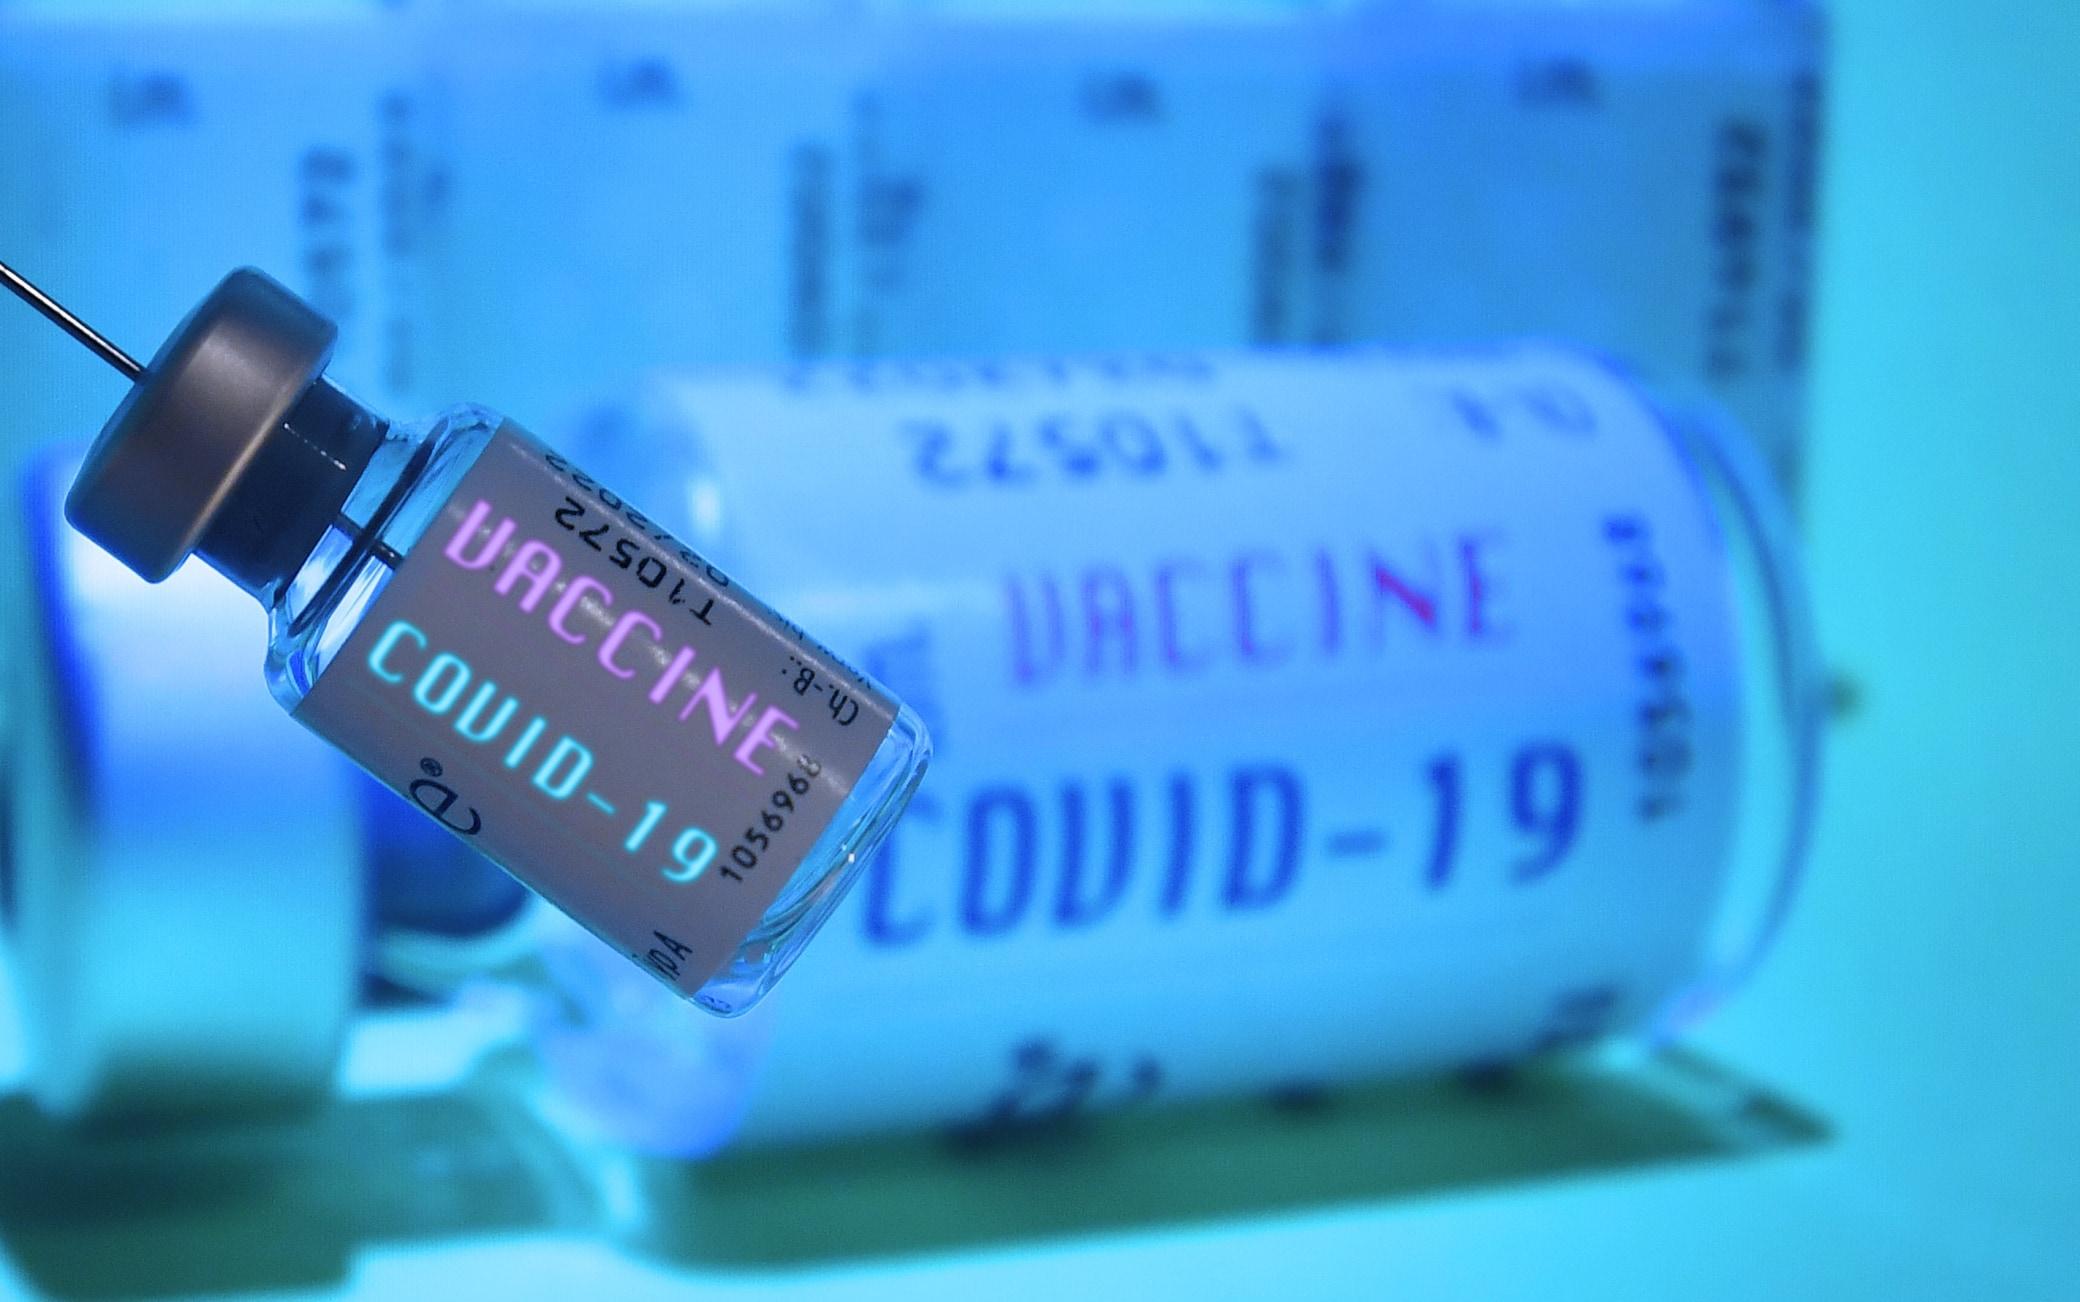 Covid, l'Oms ha approvato ufficialmente il vaccino di Pfizer/BioNTech